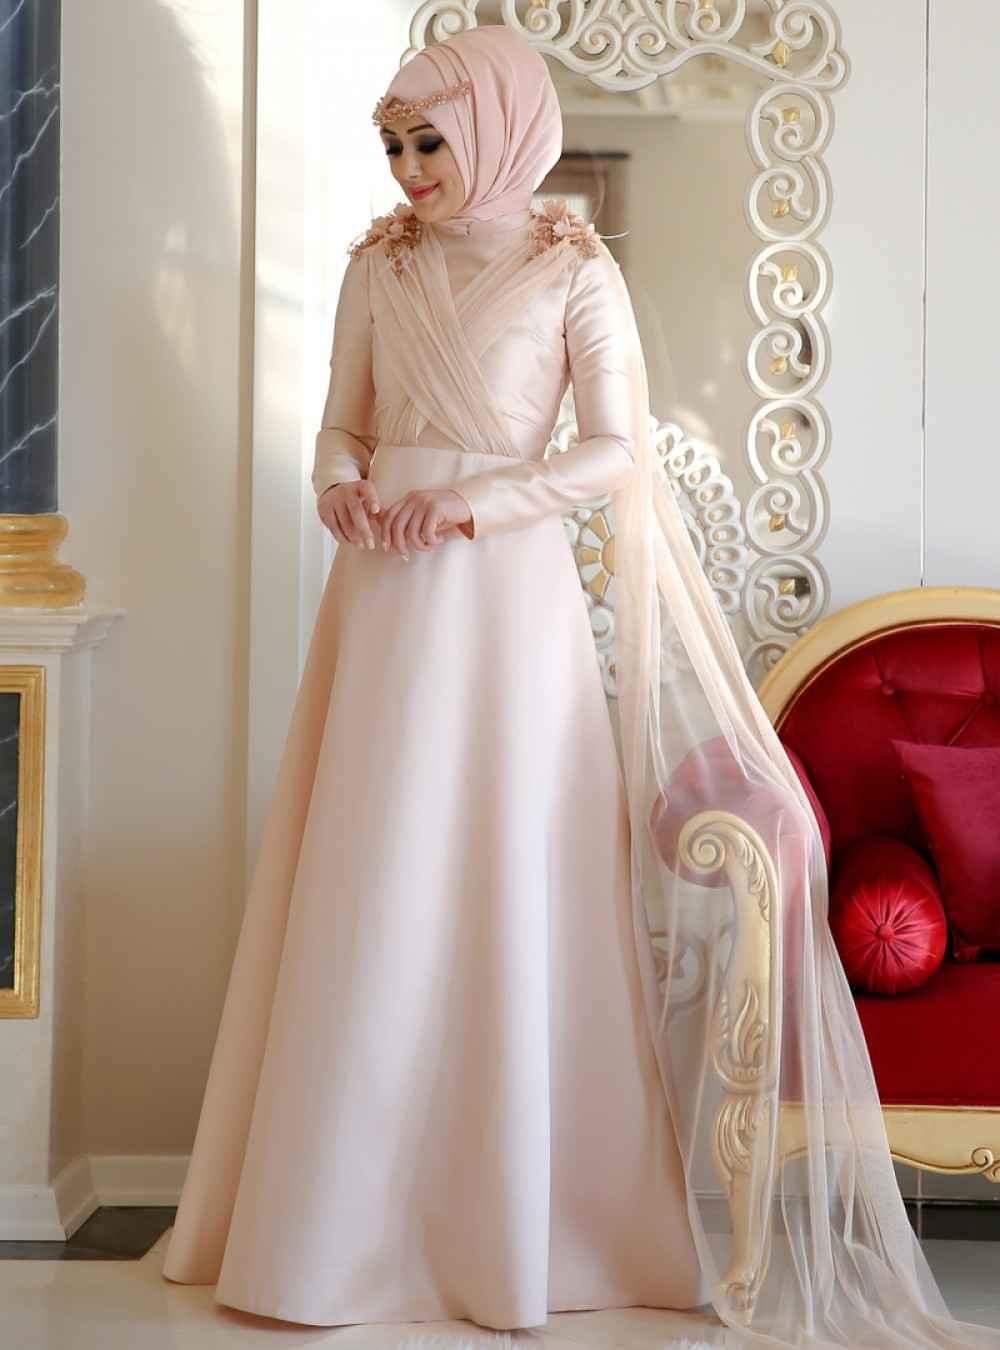 Minel Aşk Tesettür Somon Abiye Elbise Modelleri